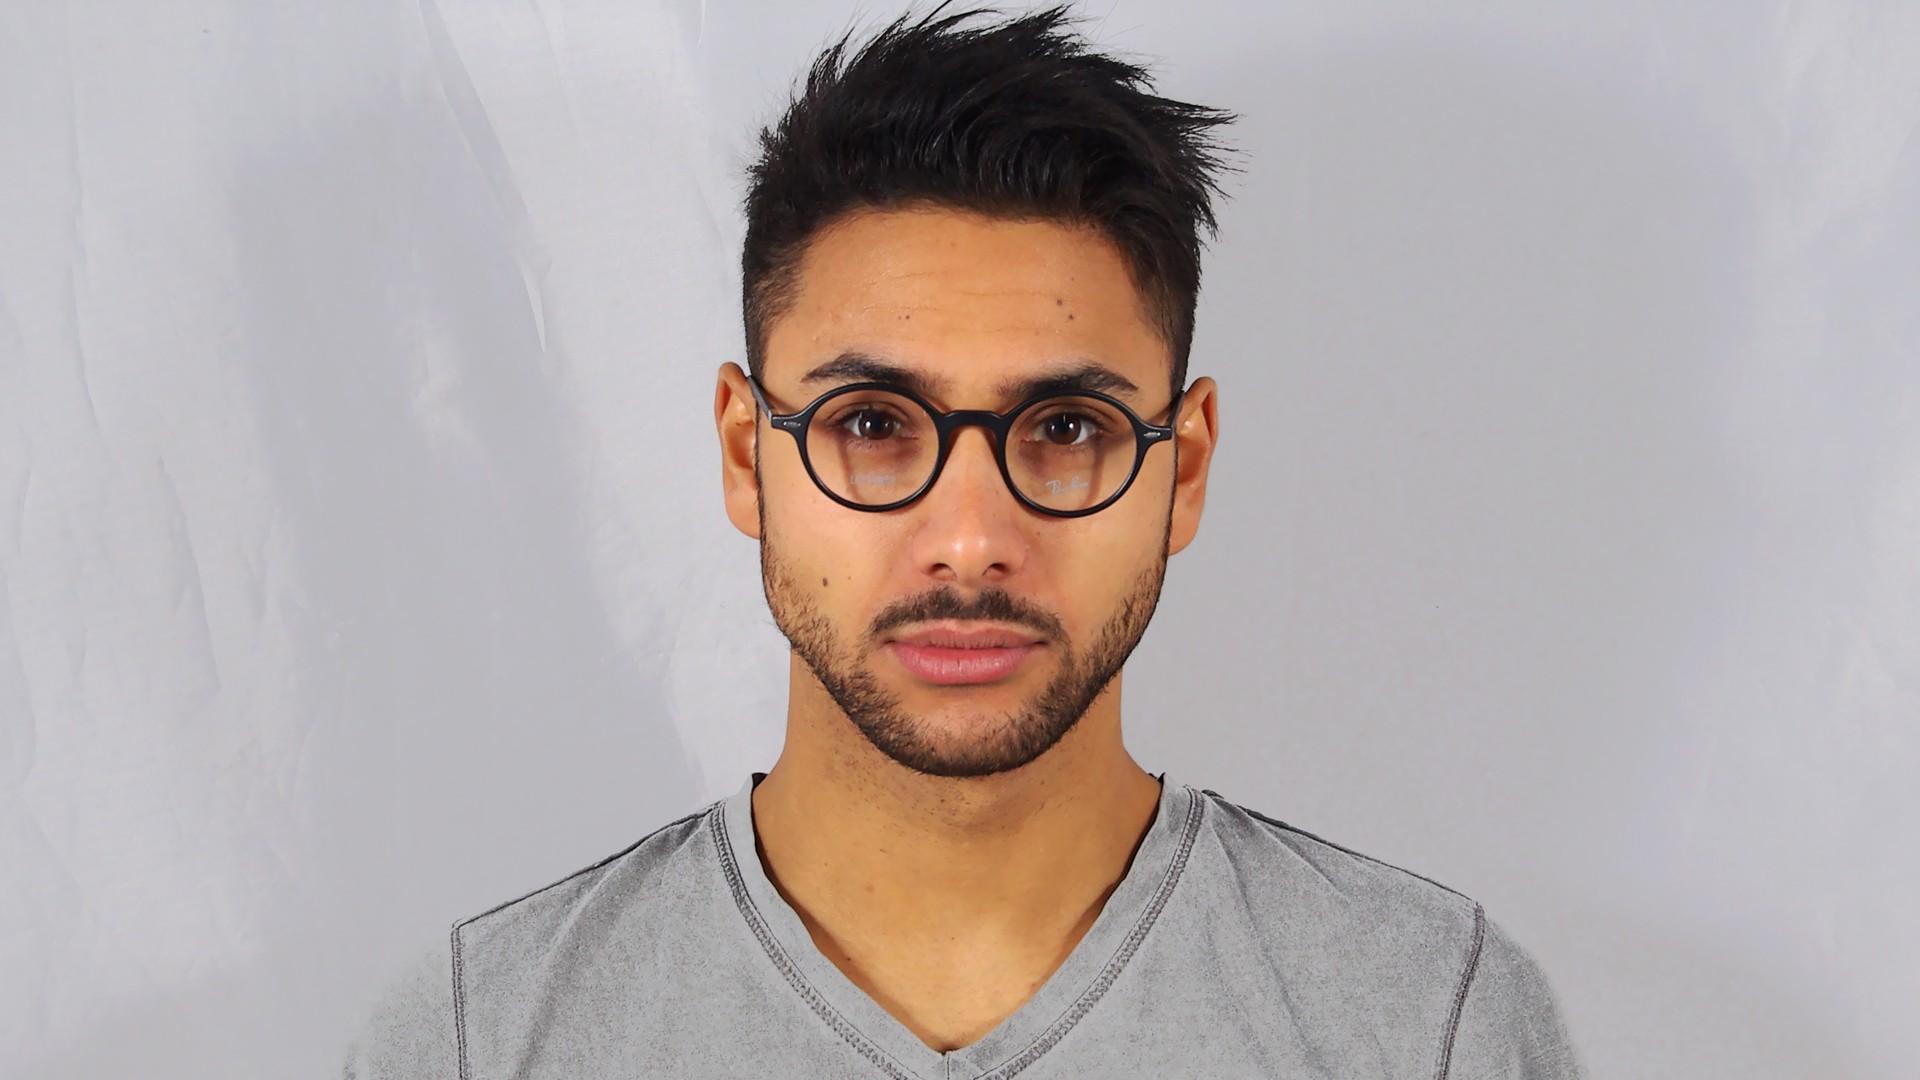 Ray-Ban Liteforce Black RX7069 RB7069 5204 46-22 ... Giorgio Armani Eyeglasses